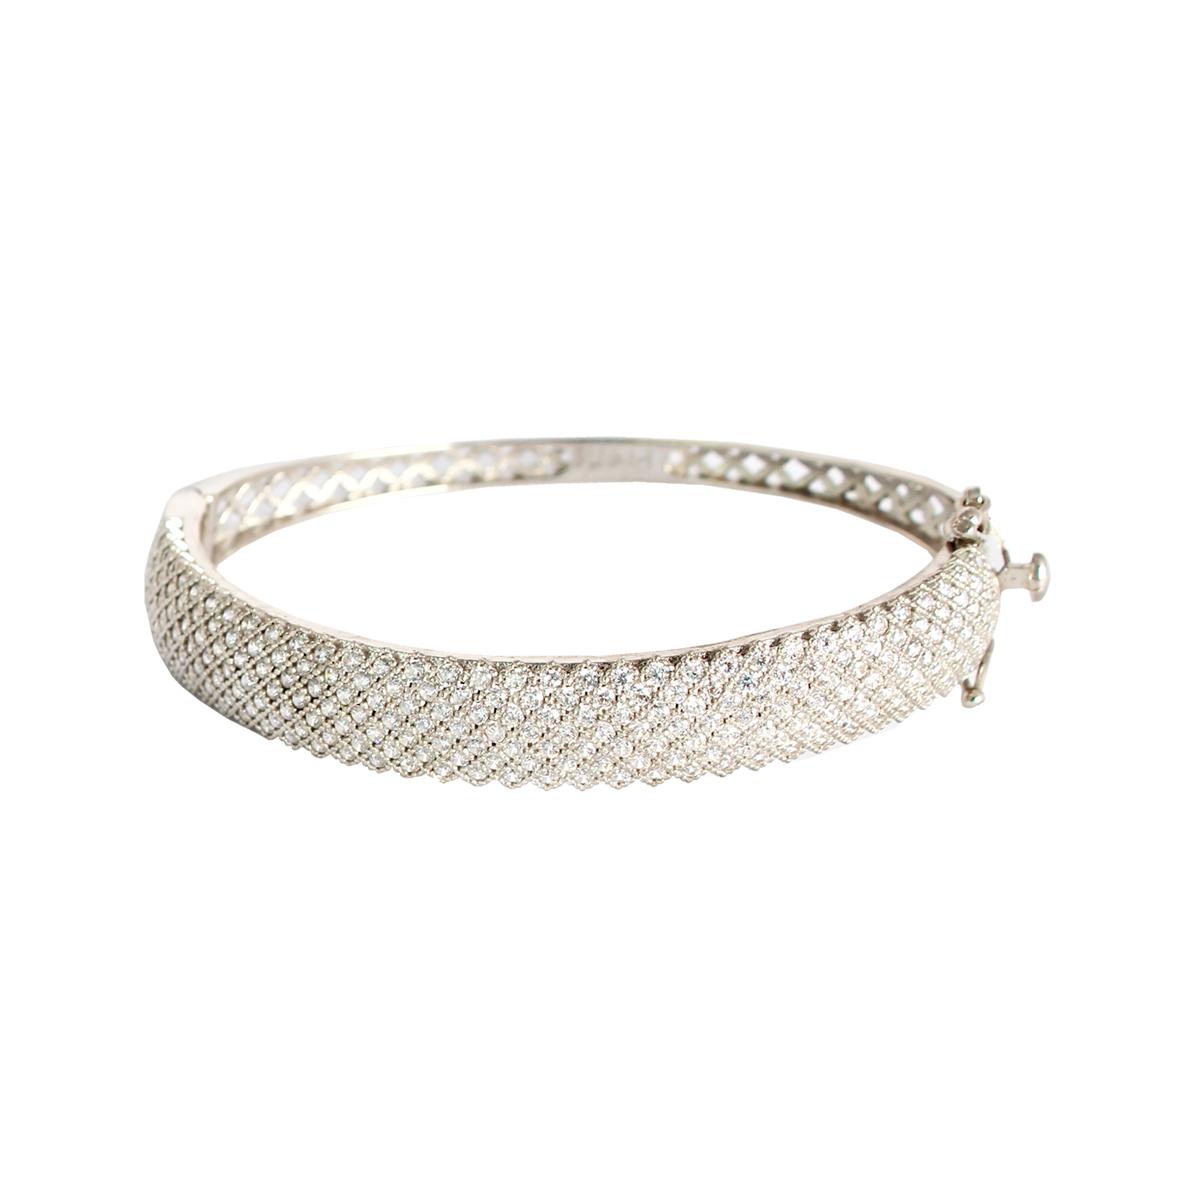 خرید مشخصات دستبند نقره زنانه نگین دار مدل wide